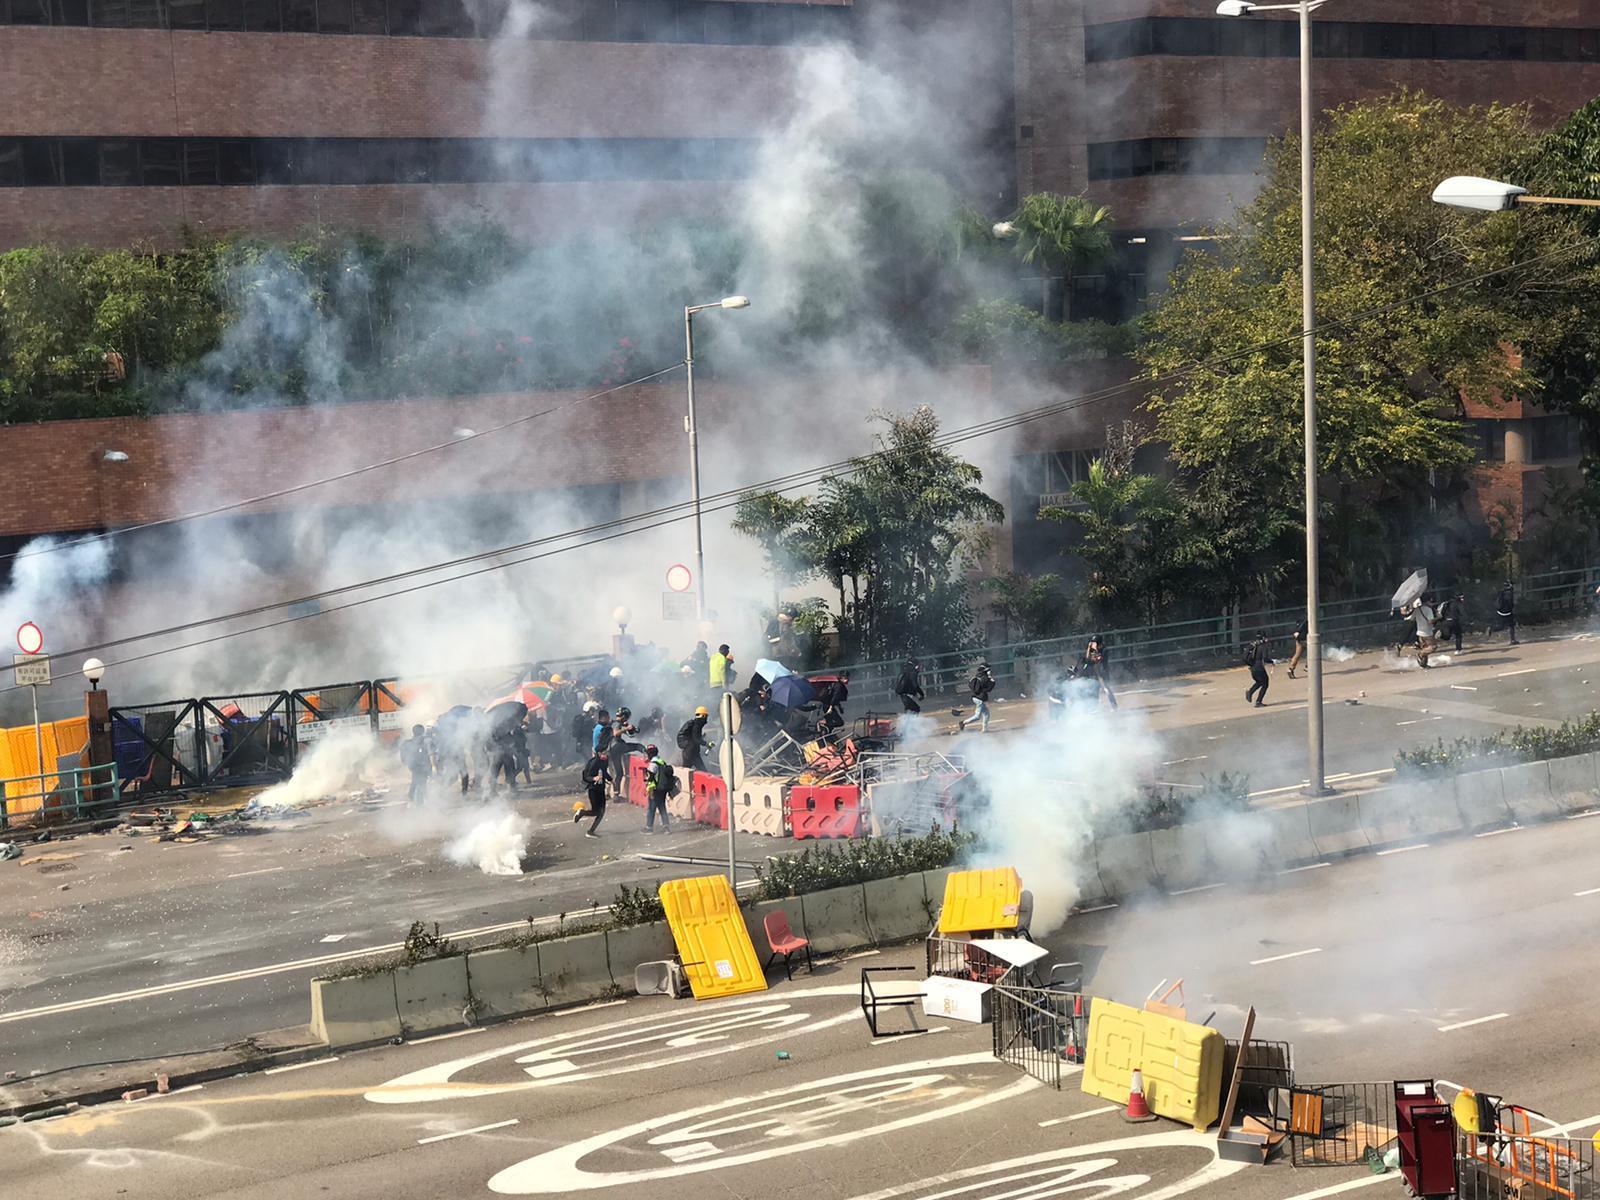 【修例風波】示威者第3度走出理大 警放催淚彈一度舉實彈槍